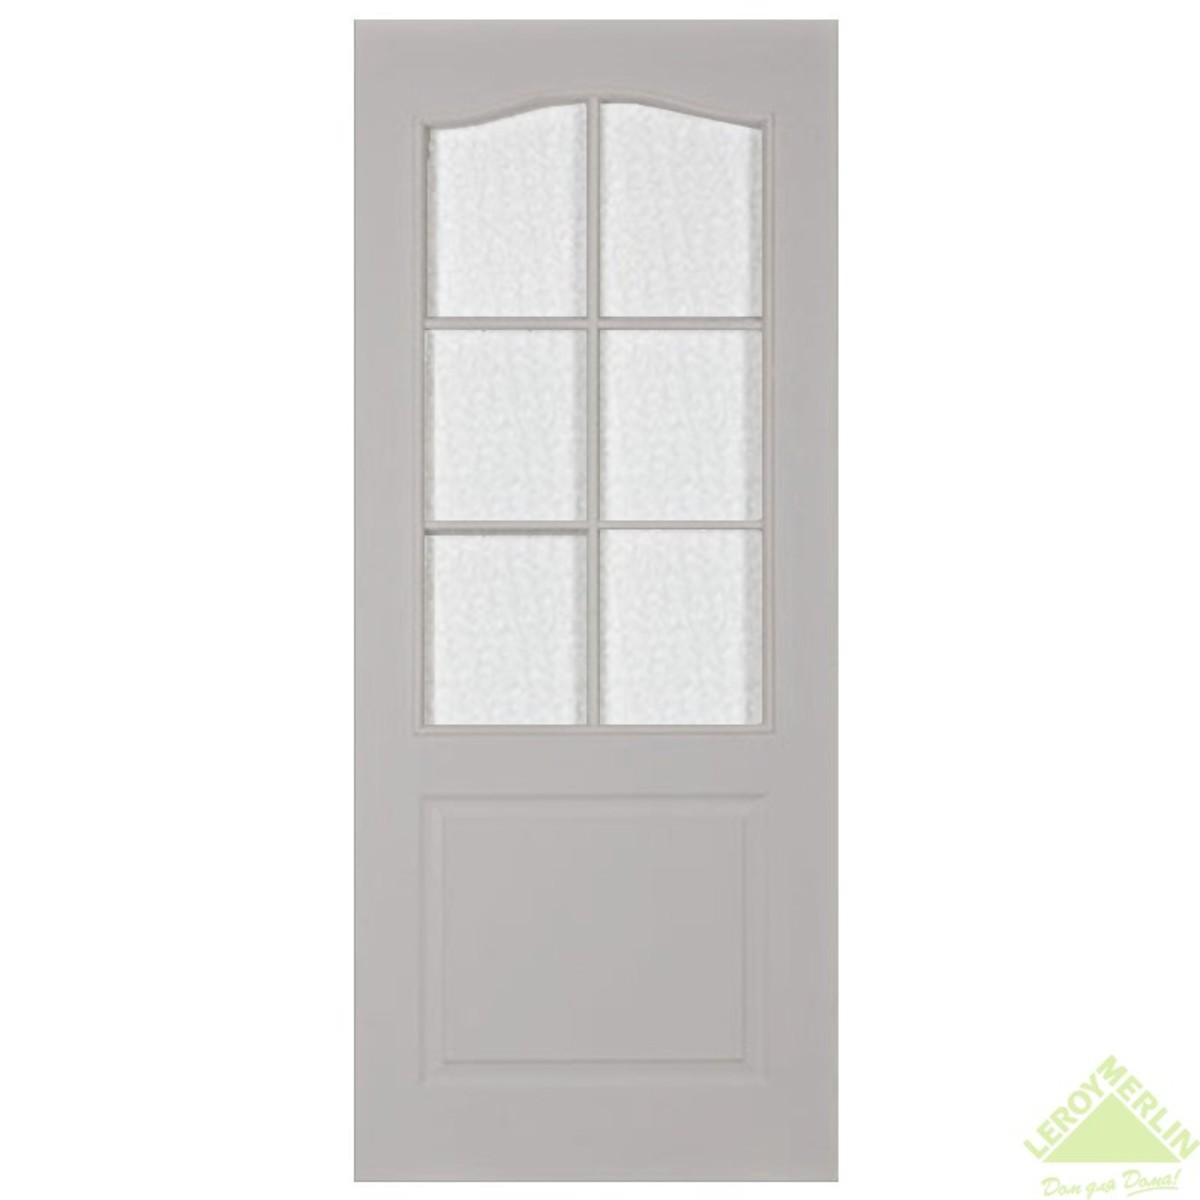 Дверь межкомнатная остеклённая Палитра 60x200 см ламинация цвет дуб белёный